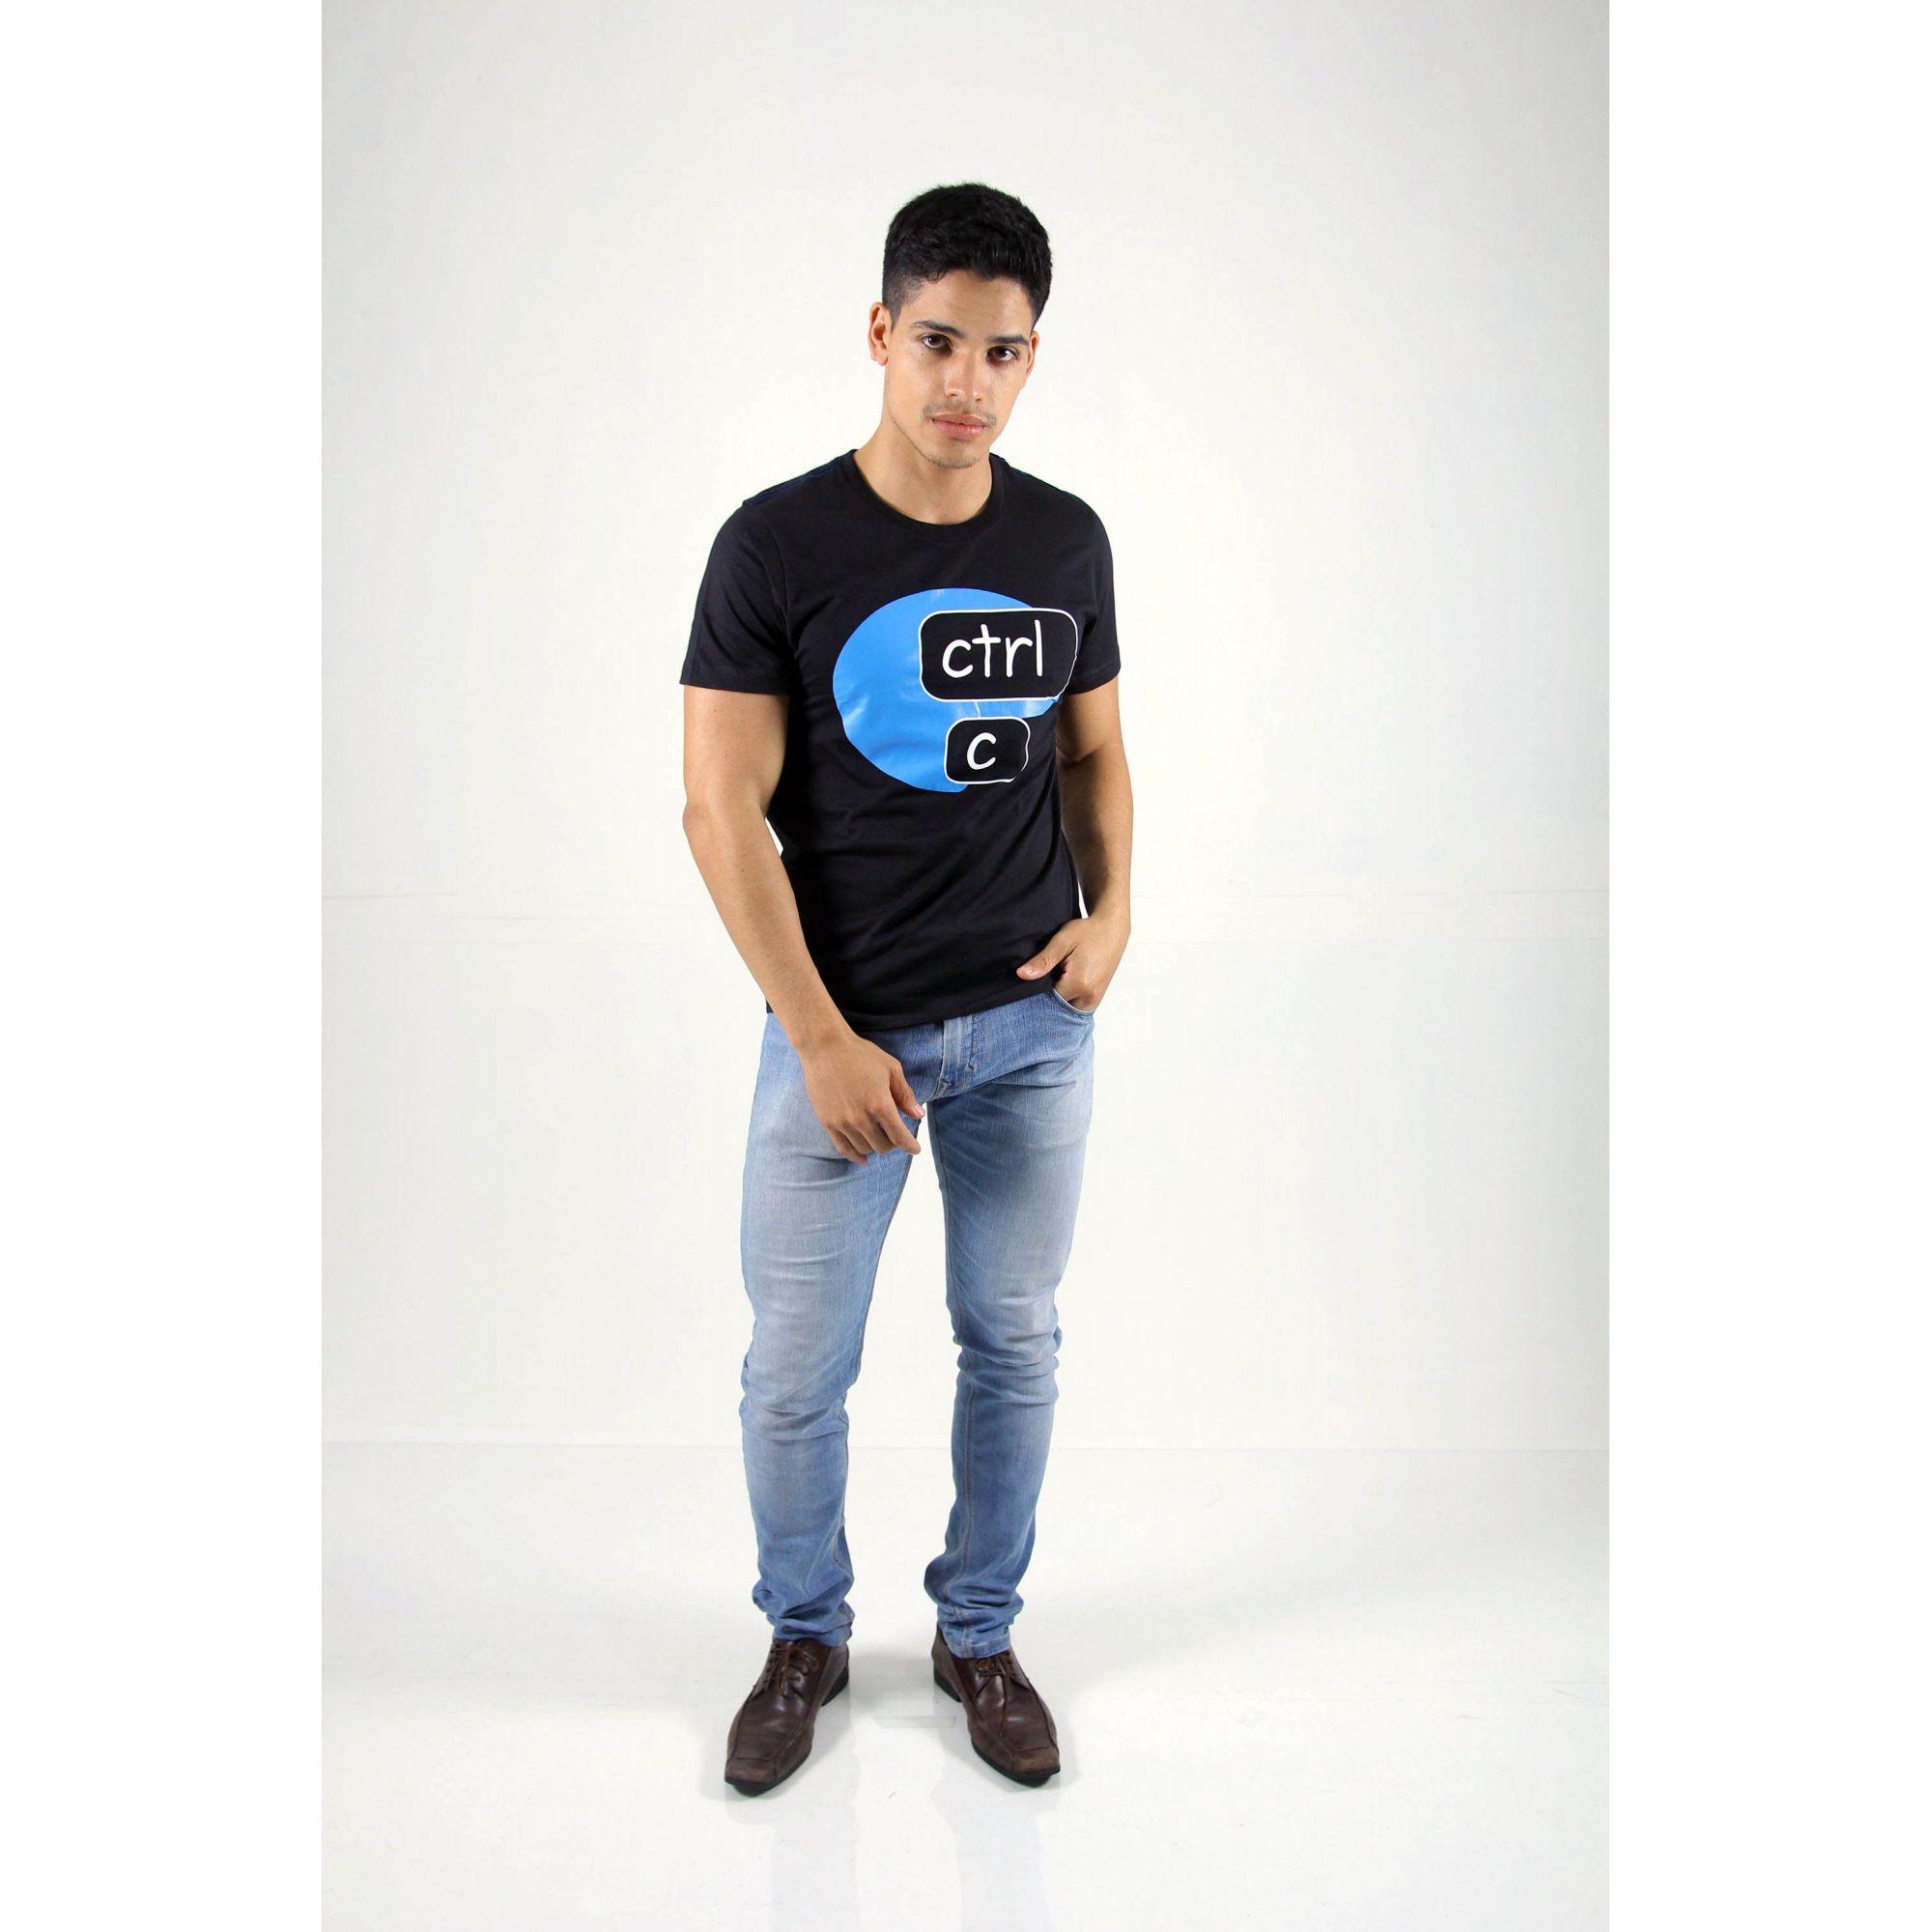 Camiseta Preta CTRL-C - Azul  - Heitor Fashion Brazil